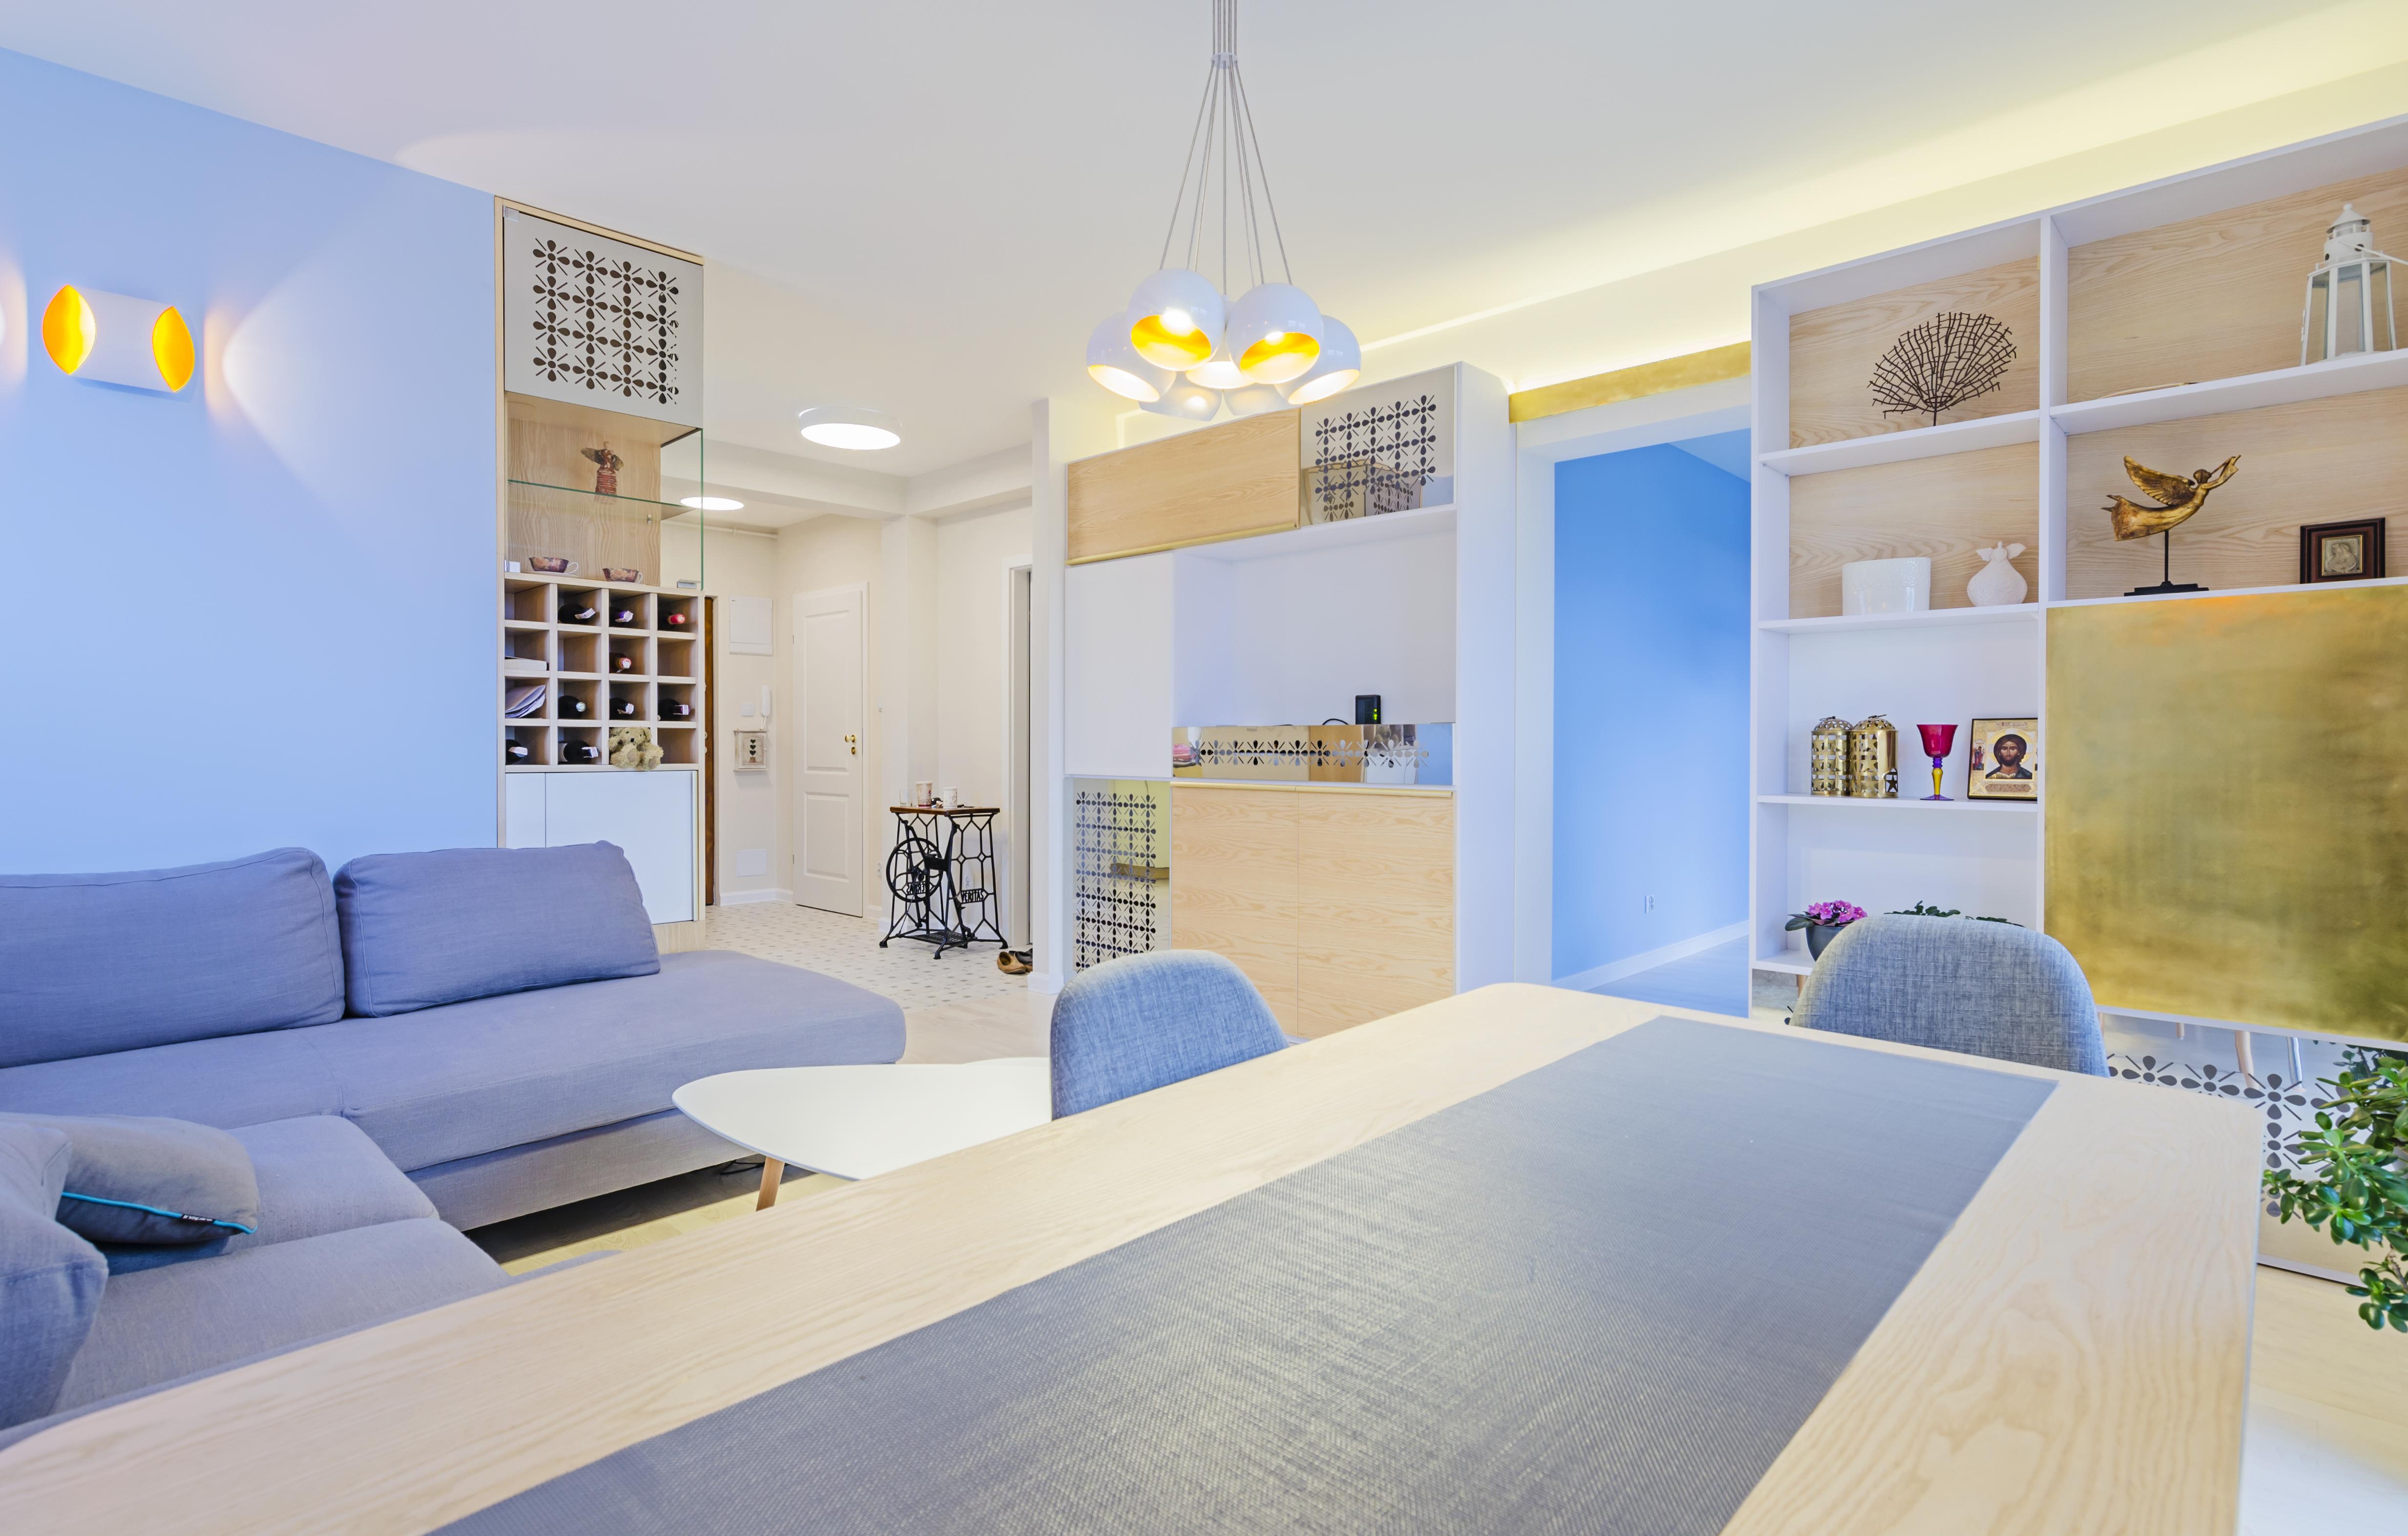 stół, złoto i srebro, portfolio, laurowa, mieszkanie, projektowanie wnętrz, łazienka